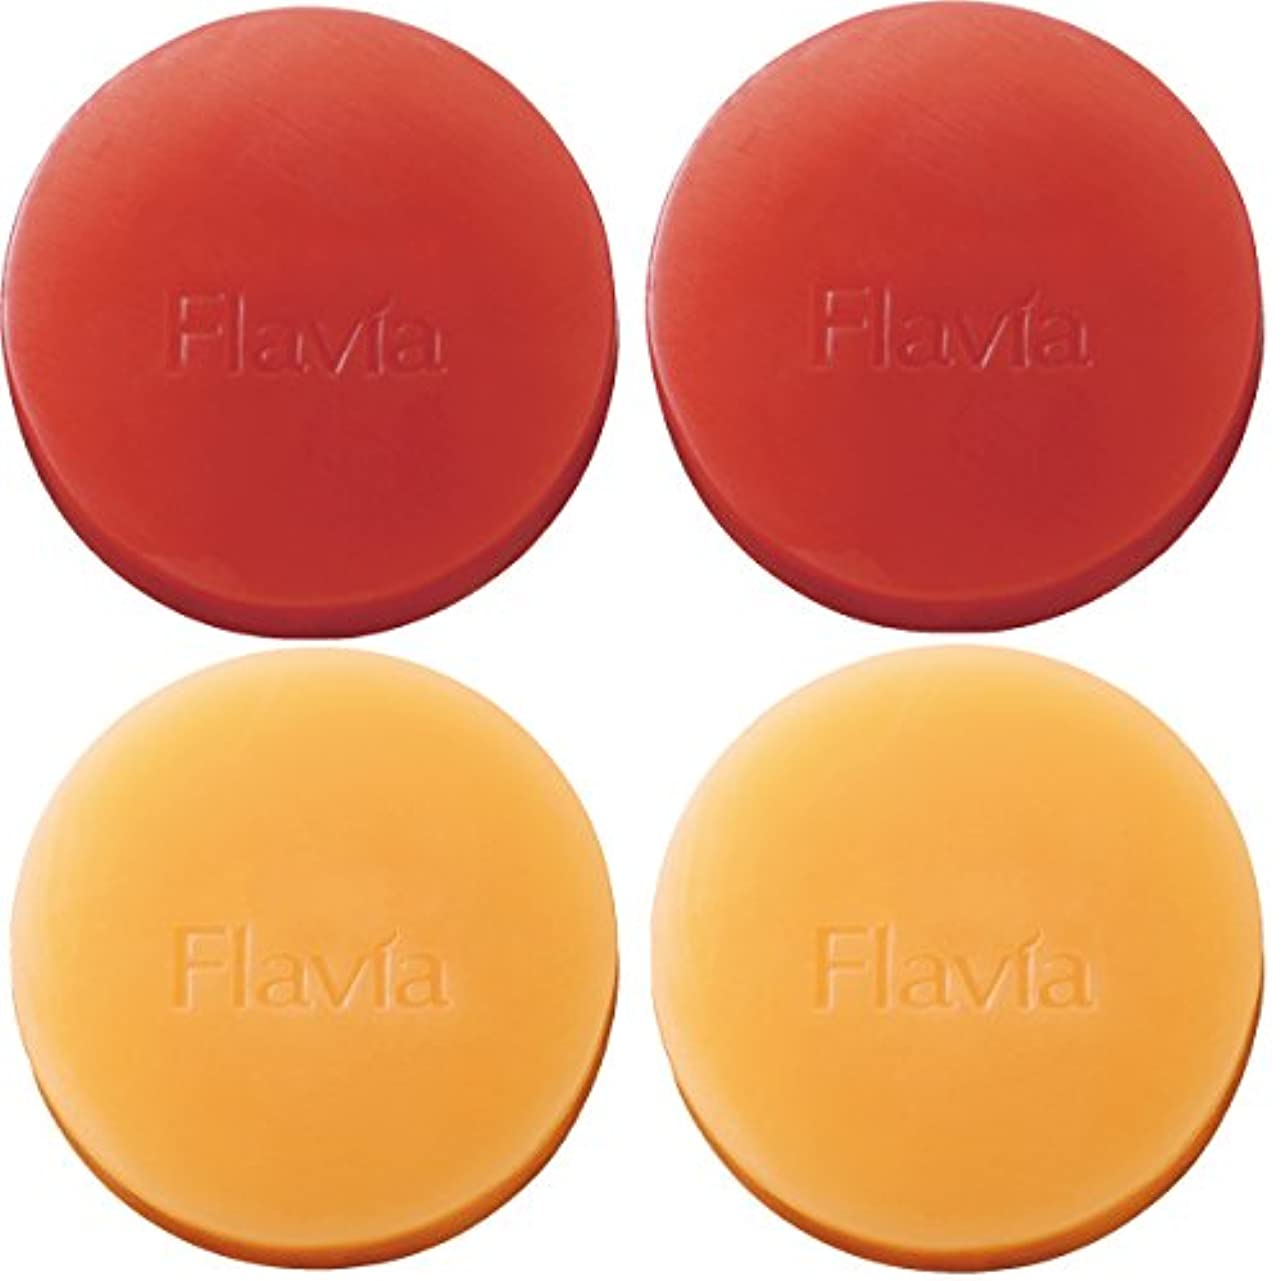 履歴書ツイン導入するフォーマルクライン 薬用 フラビア ソープ 4個セット(朝?夜用各2個) 洗顔 石けん